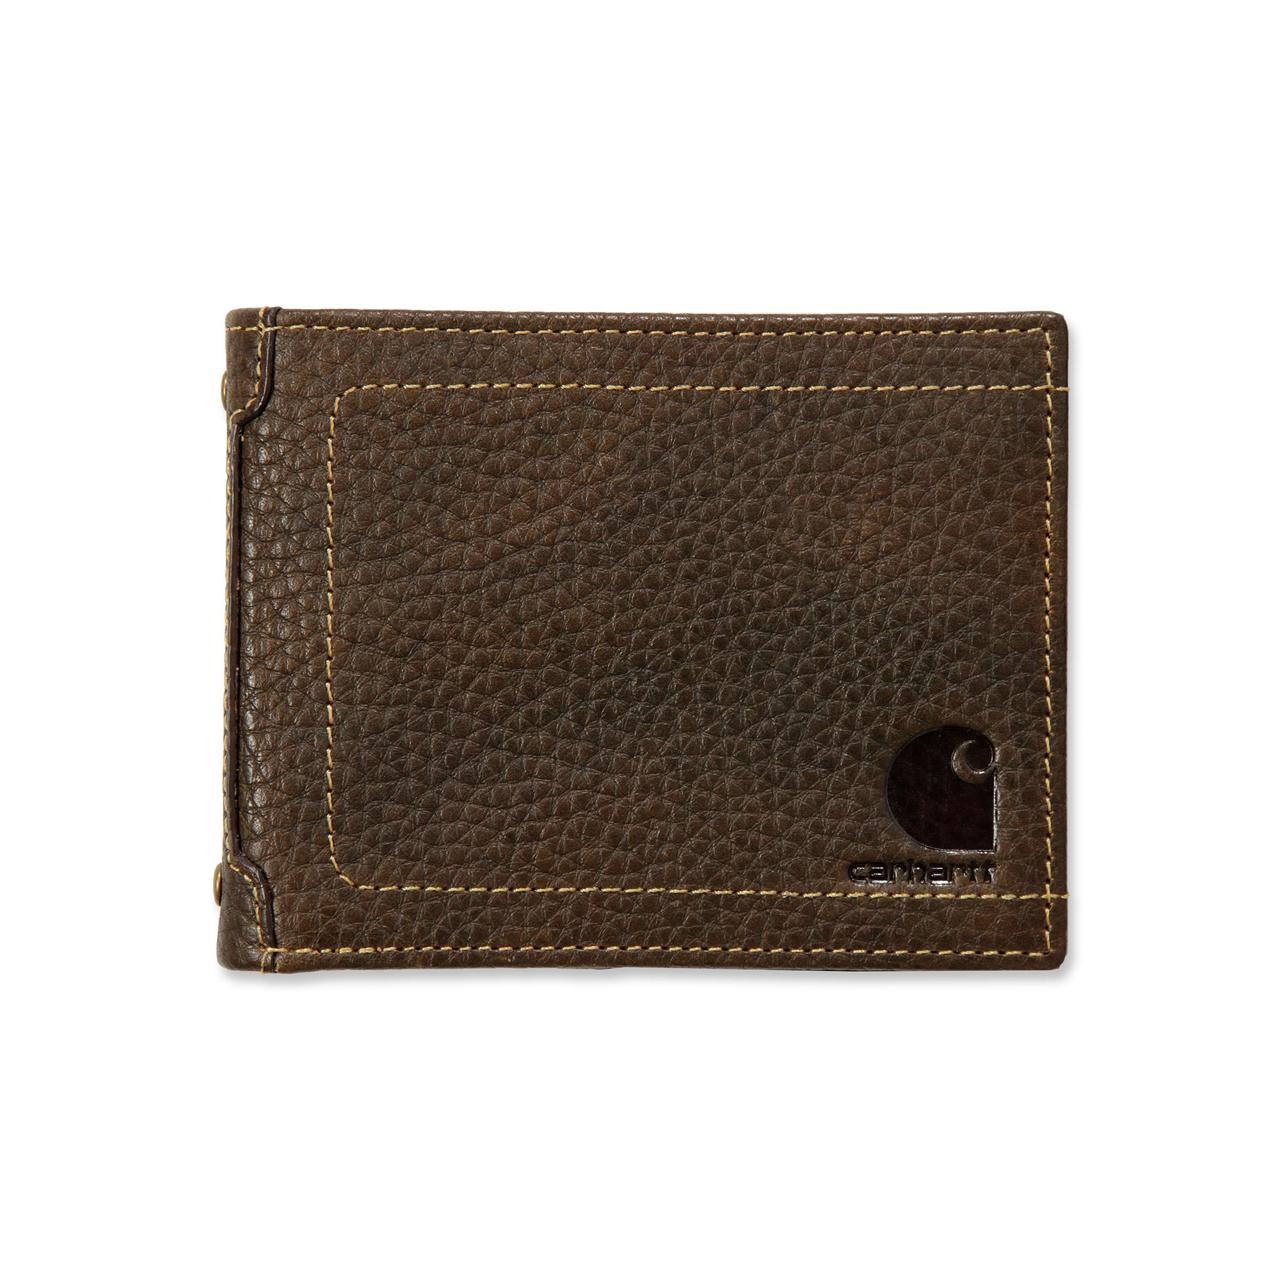 Carhartt Pebble Zip Bifold Wallet Carhartt® Brown - Mærker|Diverse -> Arbejdstøj og sikkerhedssko|Diverse|Mærker -> Carhartt -> Accessories|Mærker -> Carhartt